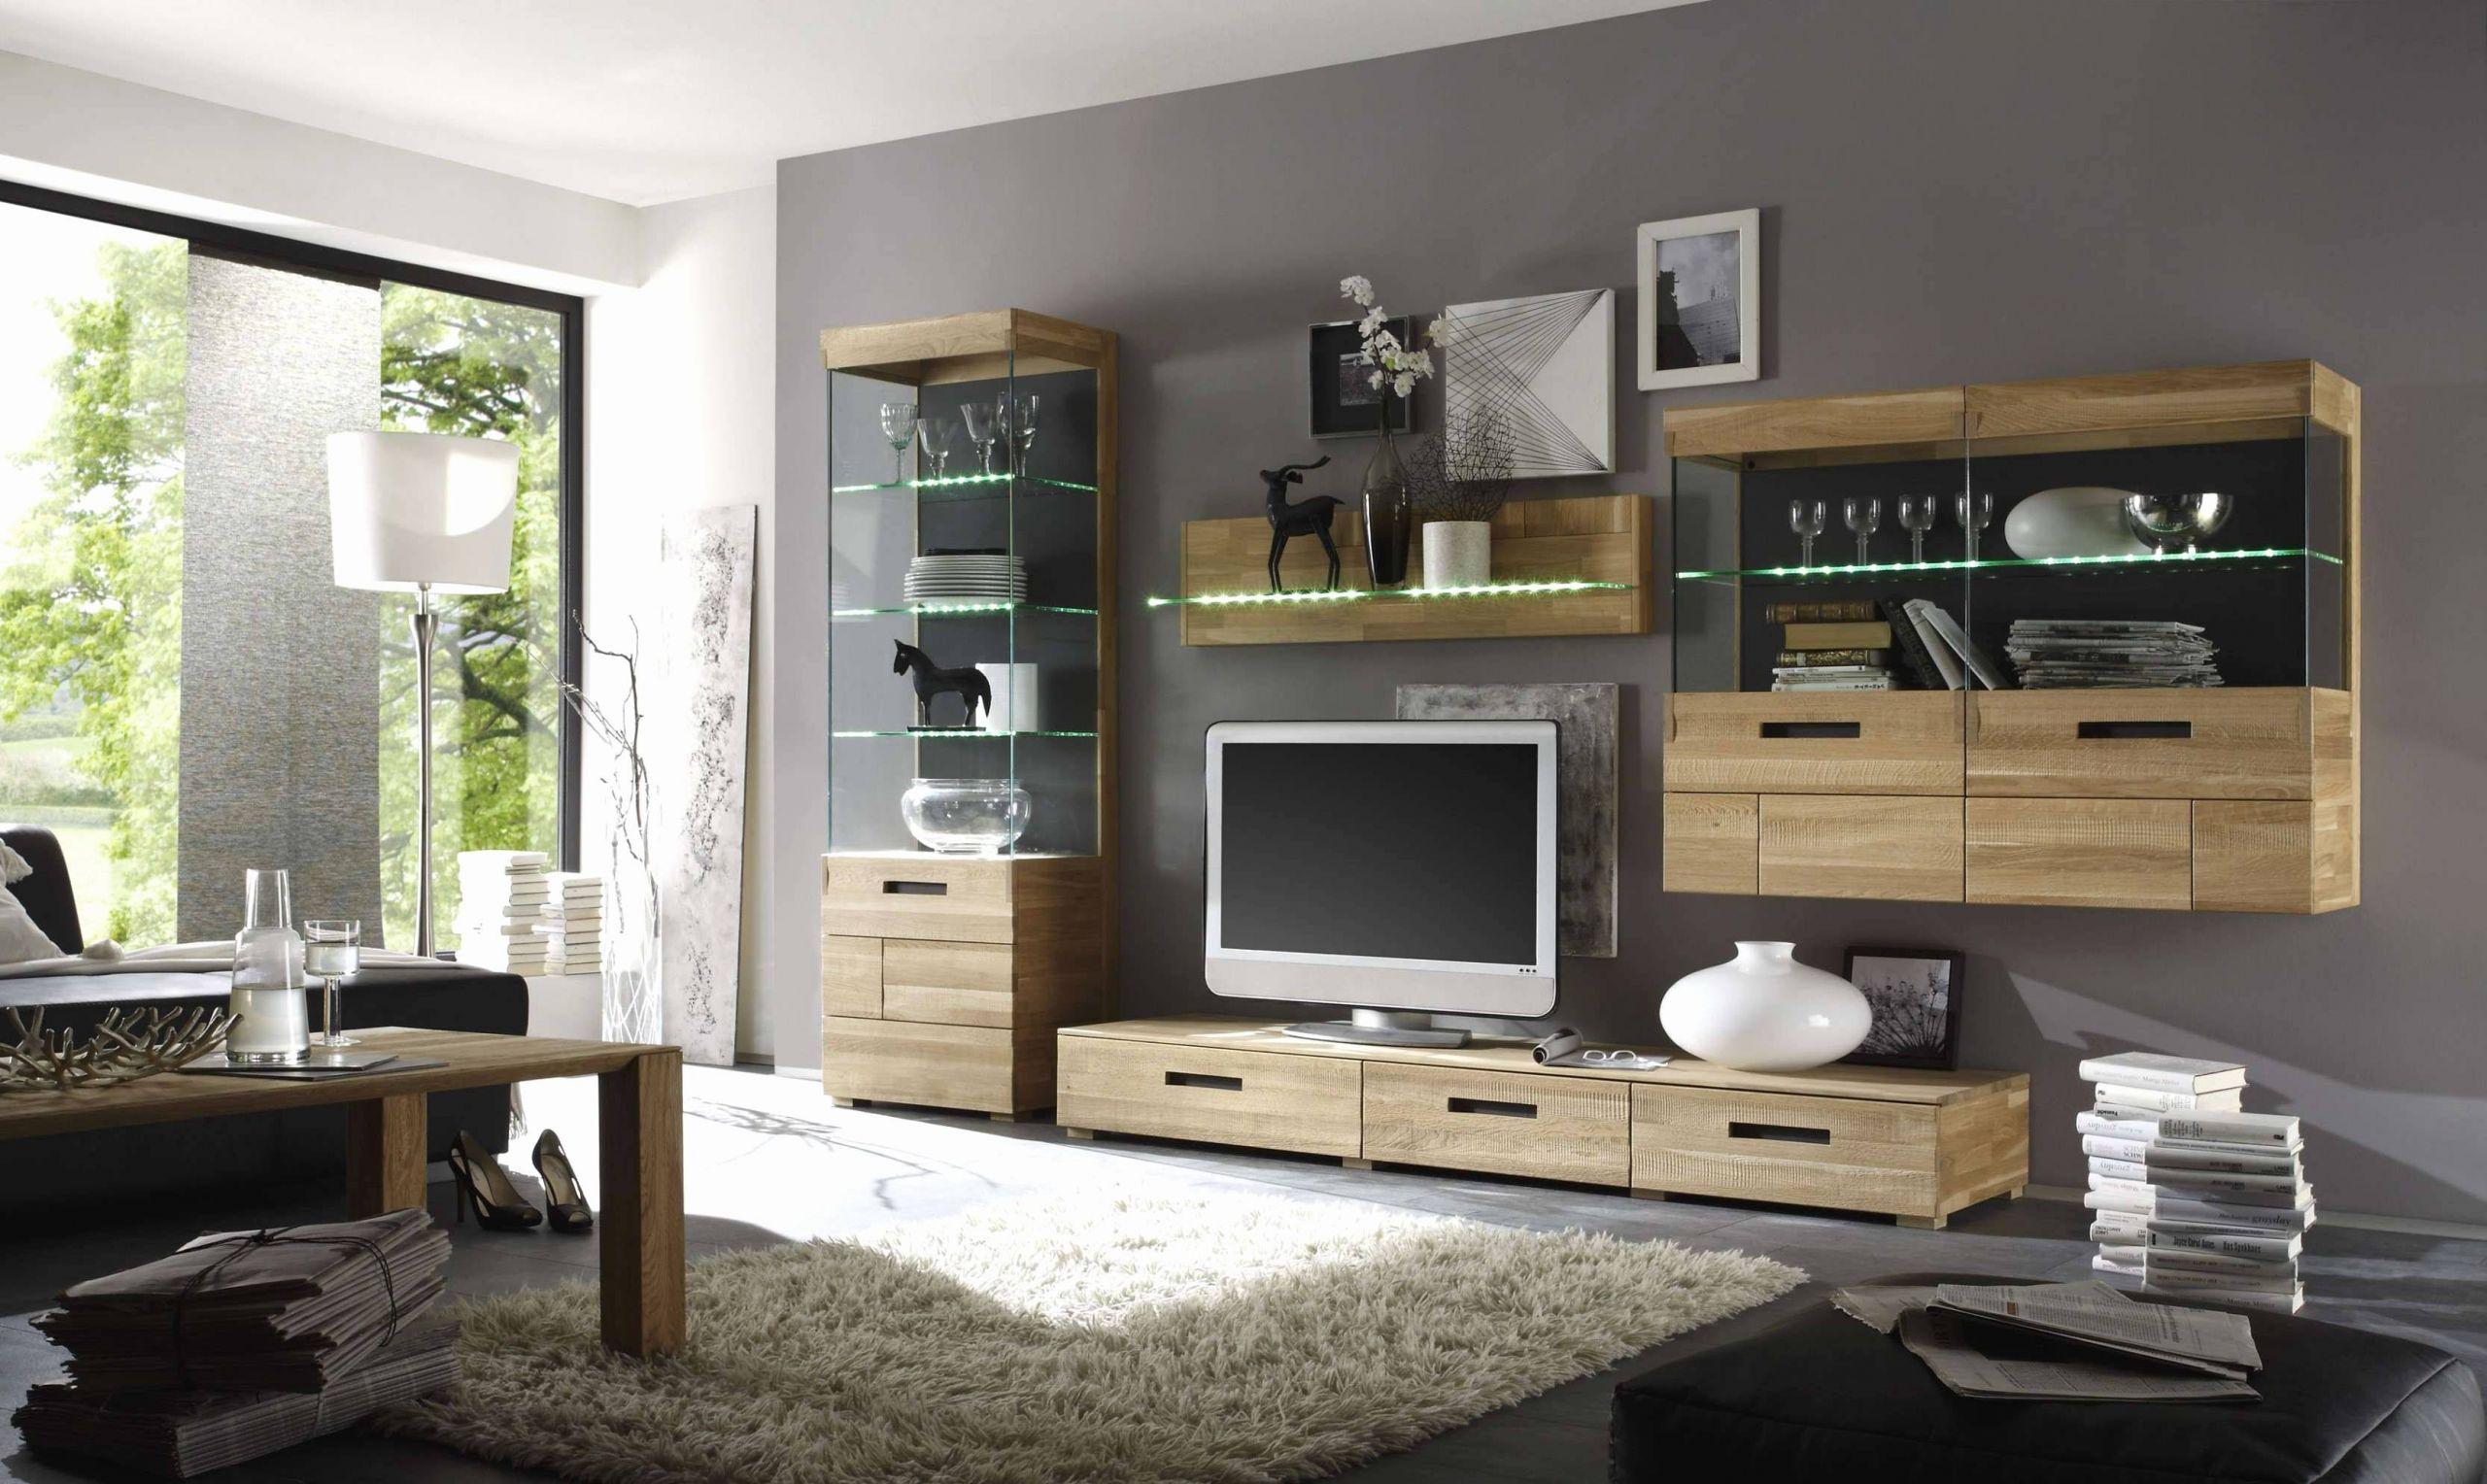 deko fur tisch wohnzimmer elegant sitemap of deko fur tisch wohnzimmer